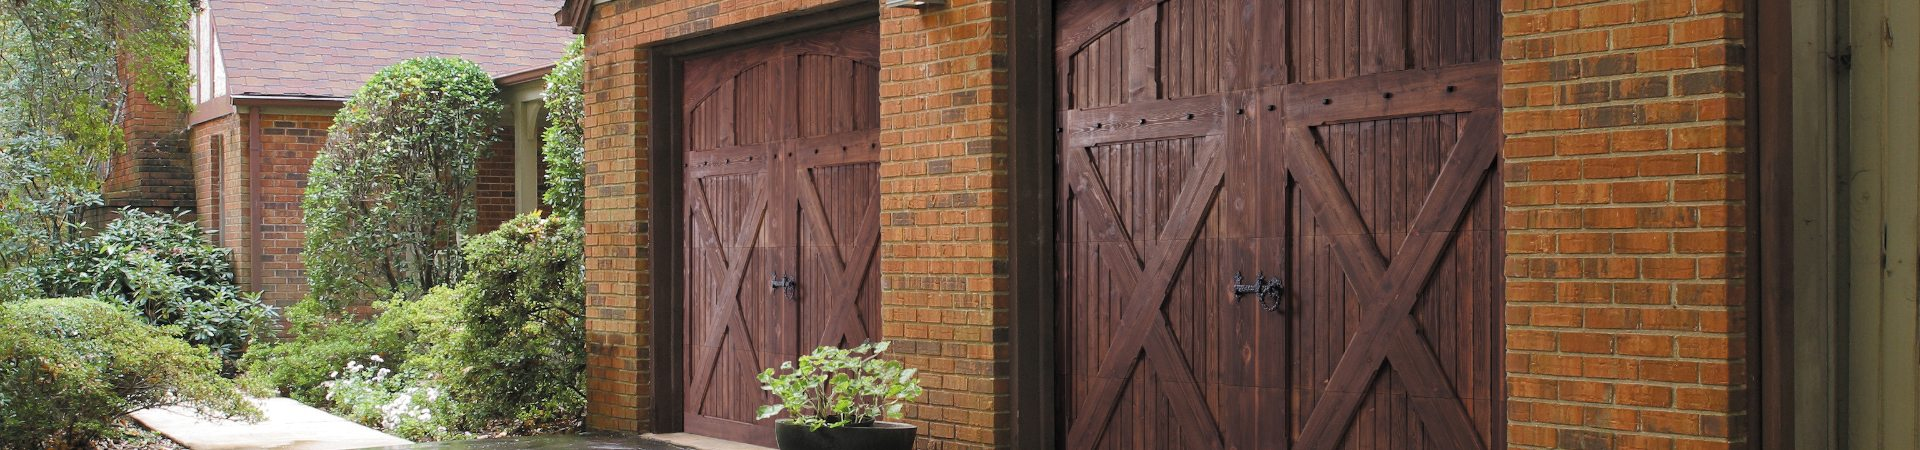 ... TNProject: Repair A Garage Door. PreviousNext